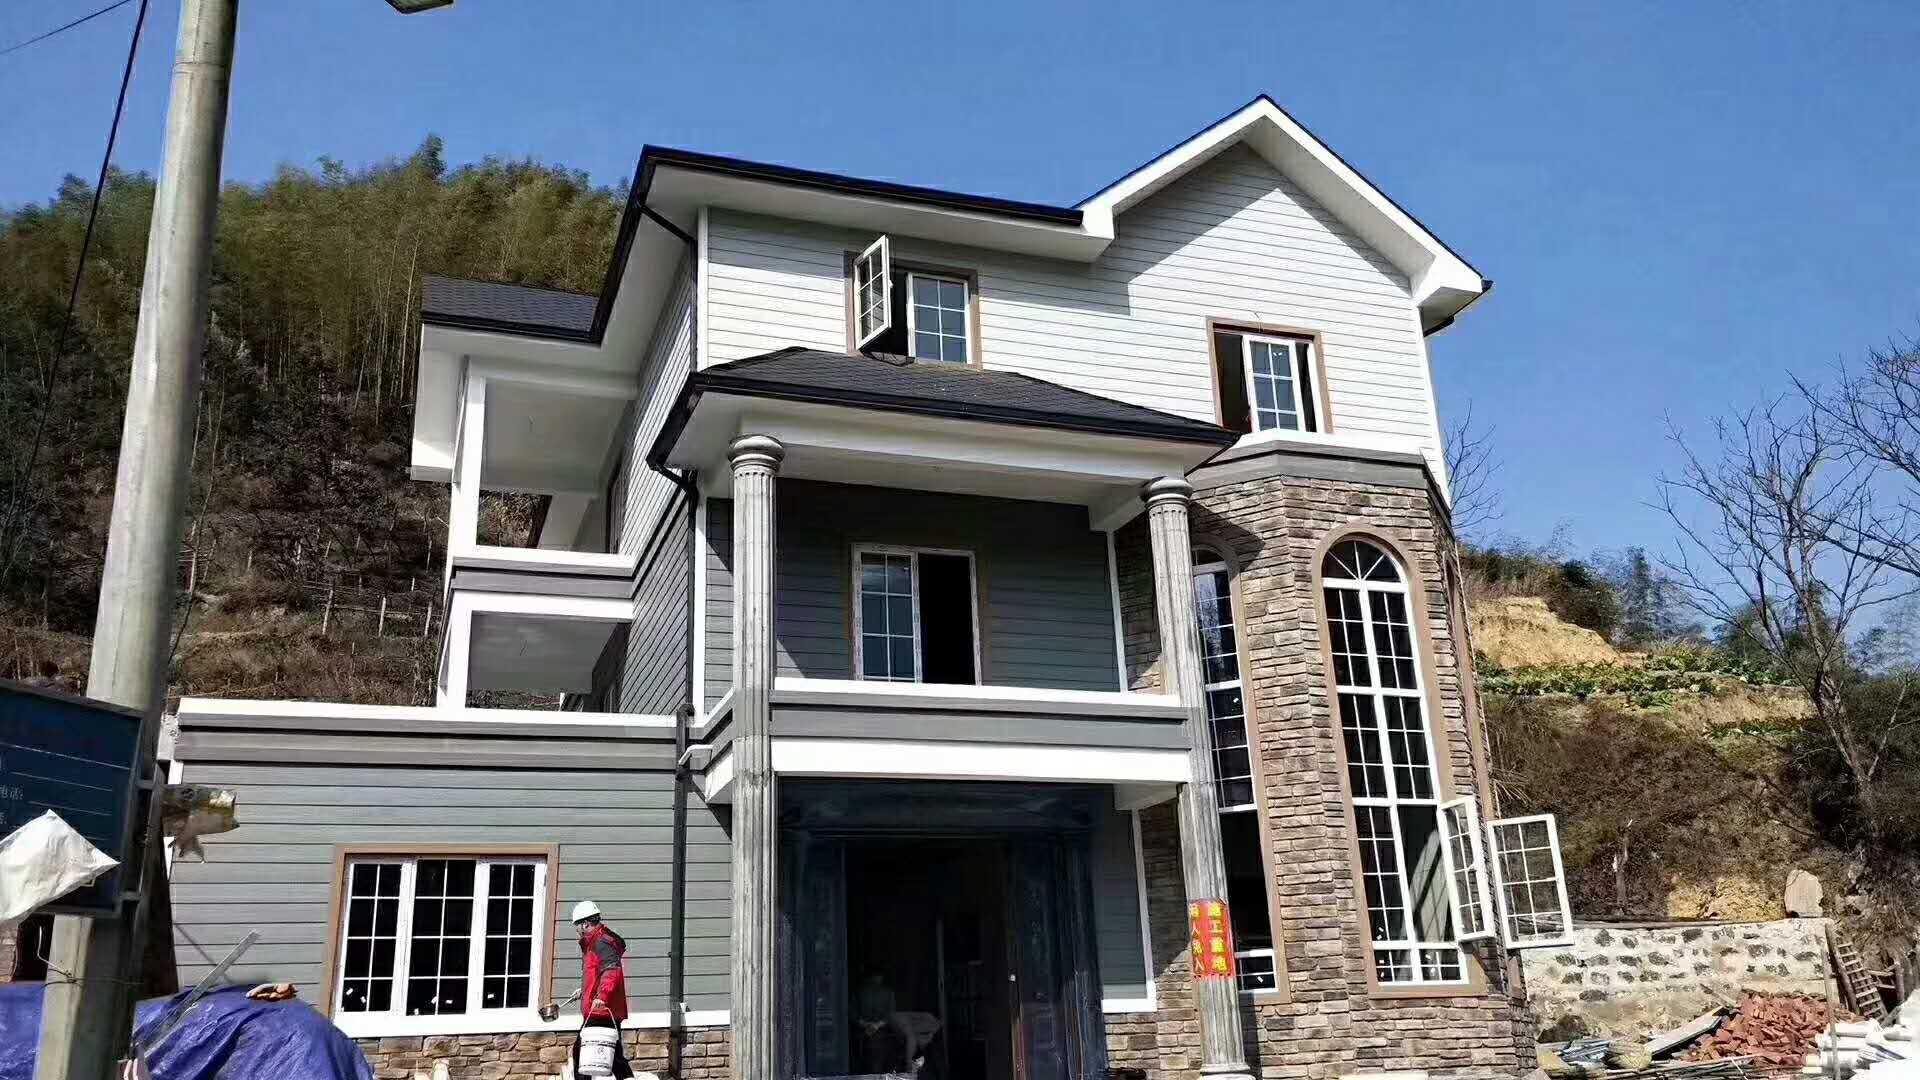 豪华型新型轻钢集成房屋别墅 可移动安置房车抗震防风活动样板